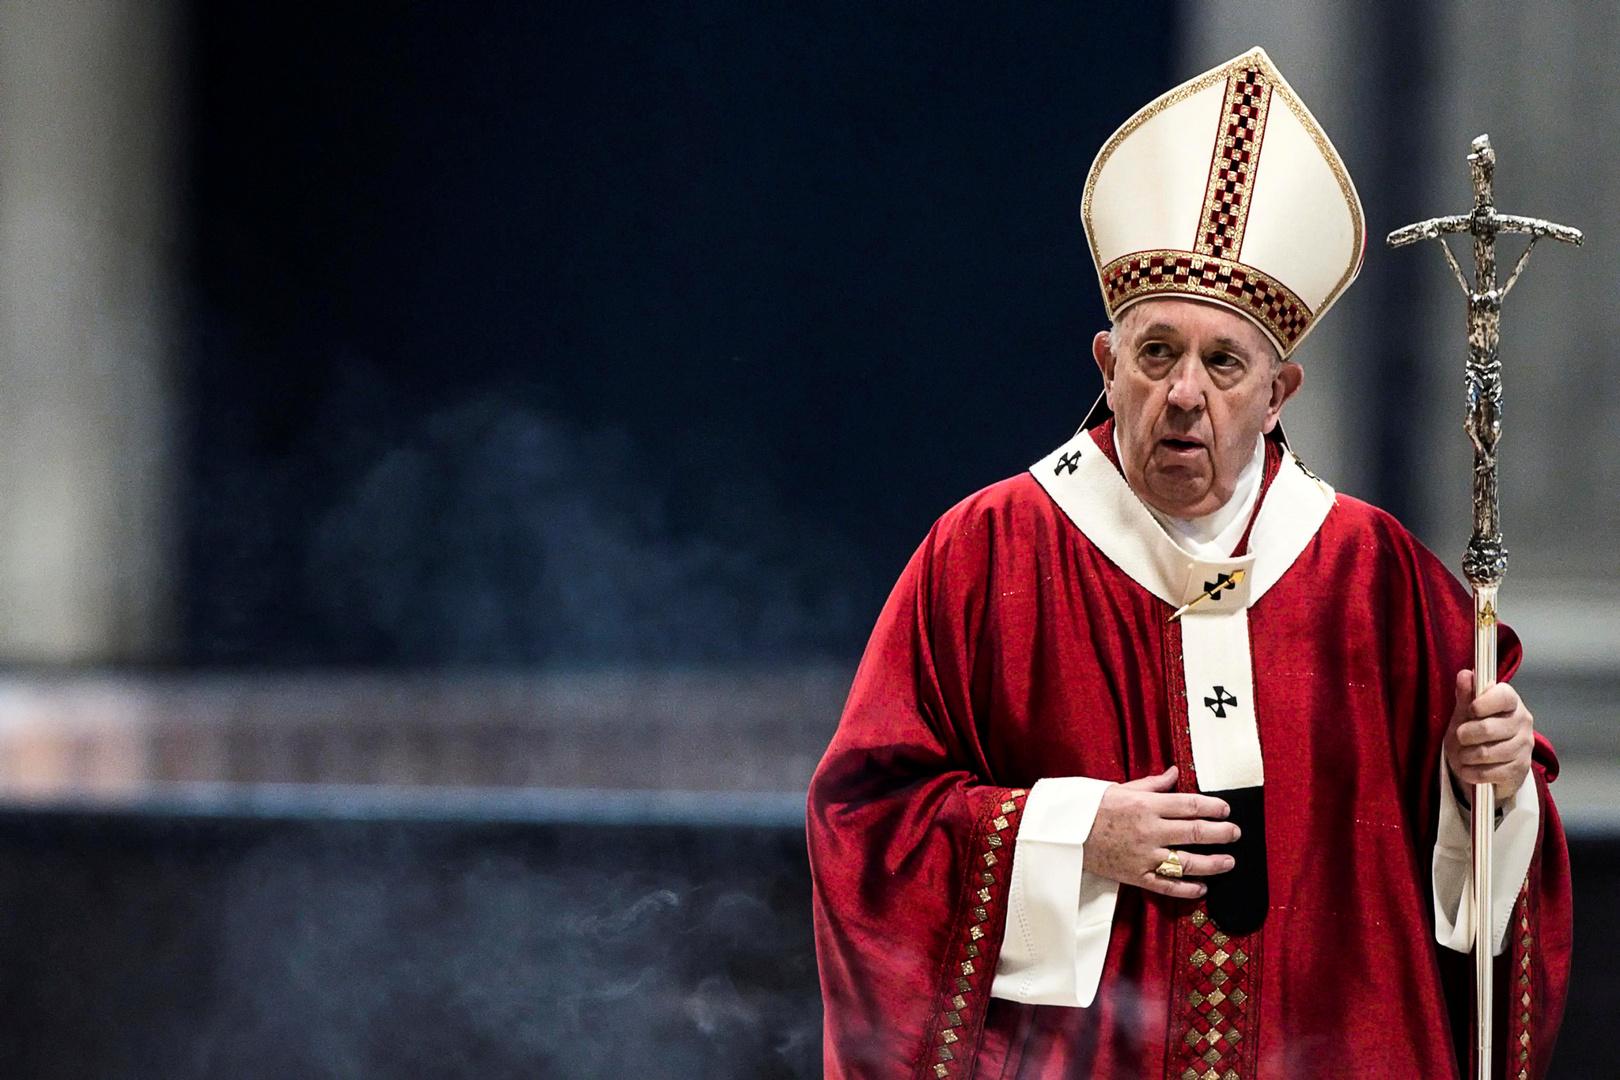 البابا فرنسيس يكسر صمته بشأن إعادة تحويل آيا صوفيا إلى مسجد